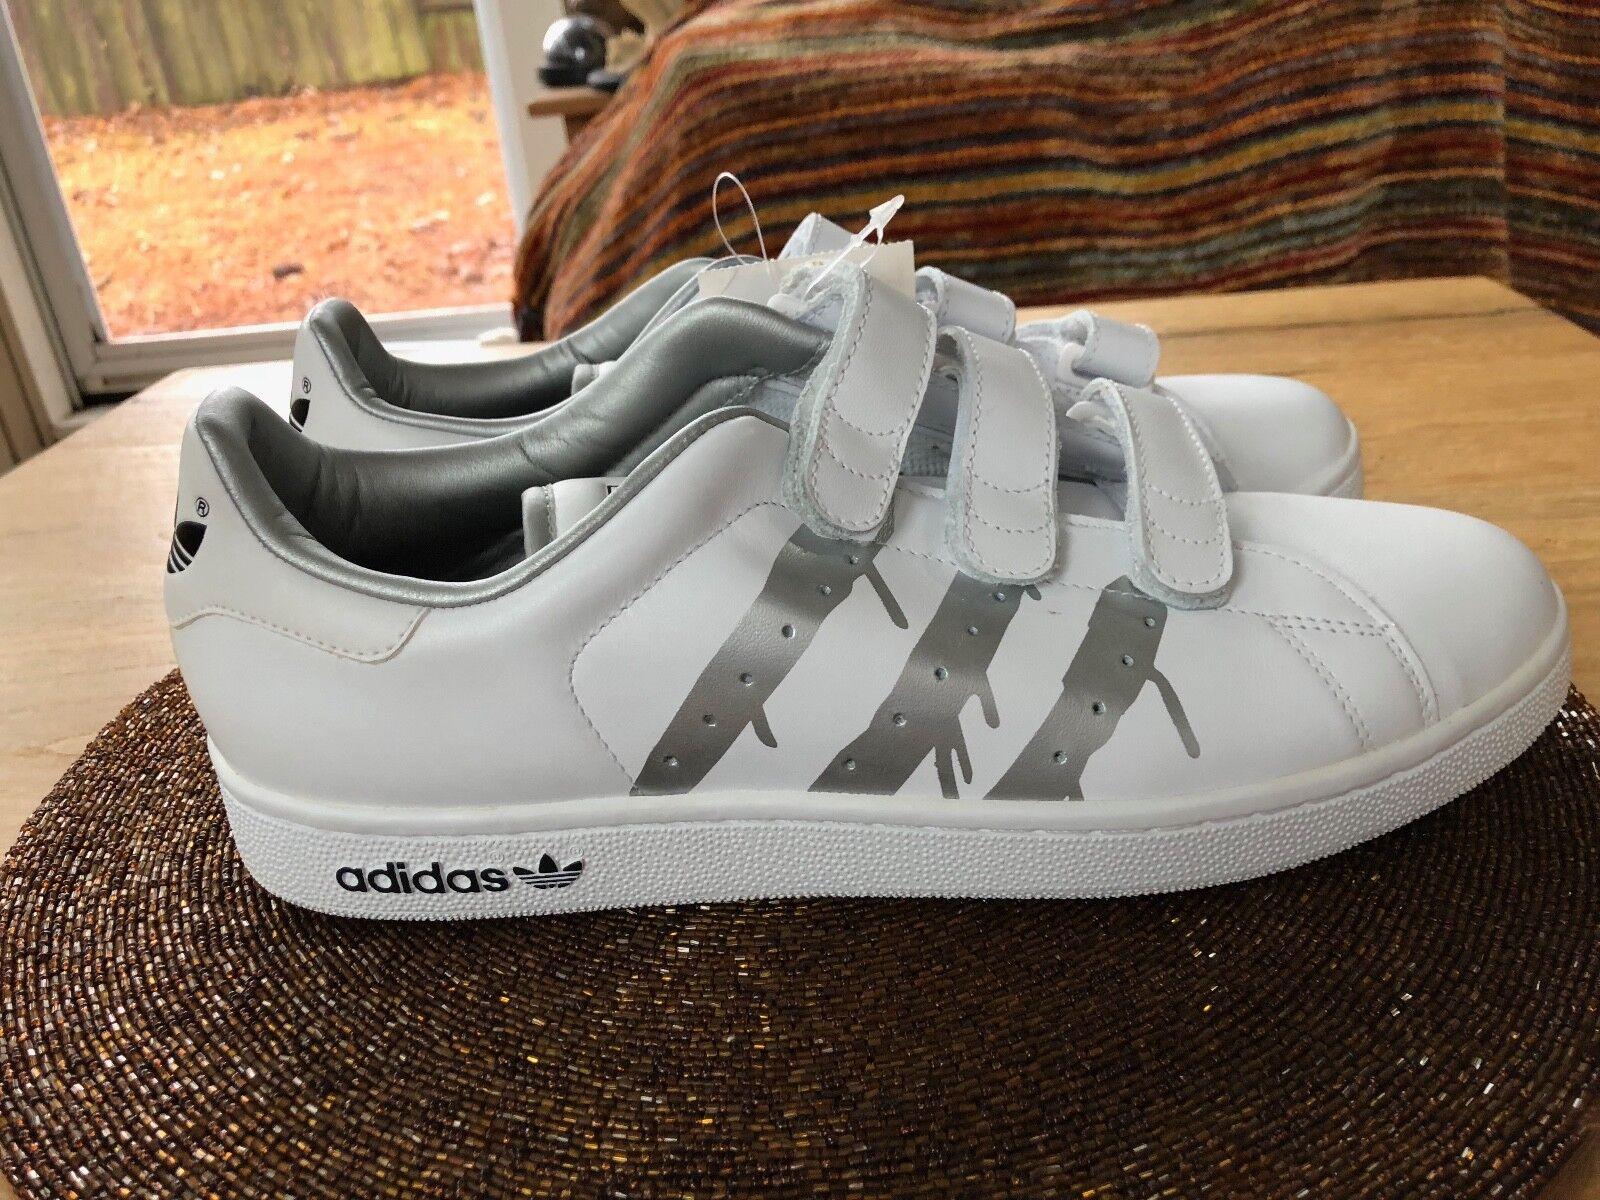 adidas stan smith smart von smart 11. edition 017202 enden männer 11. smart 79e557